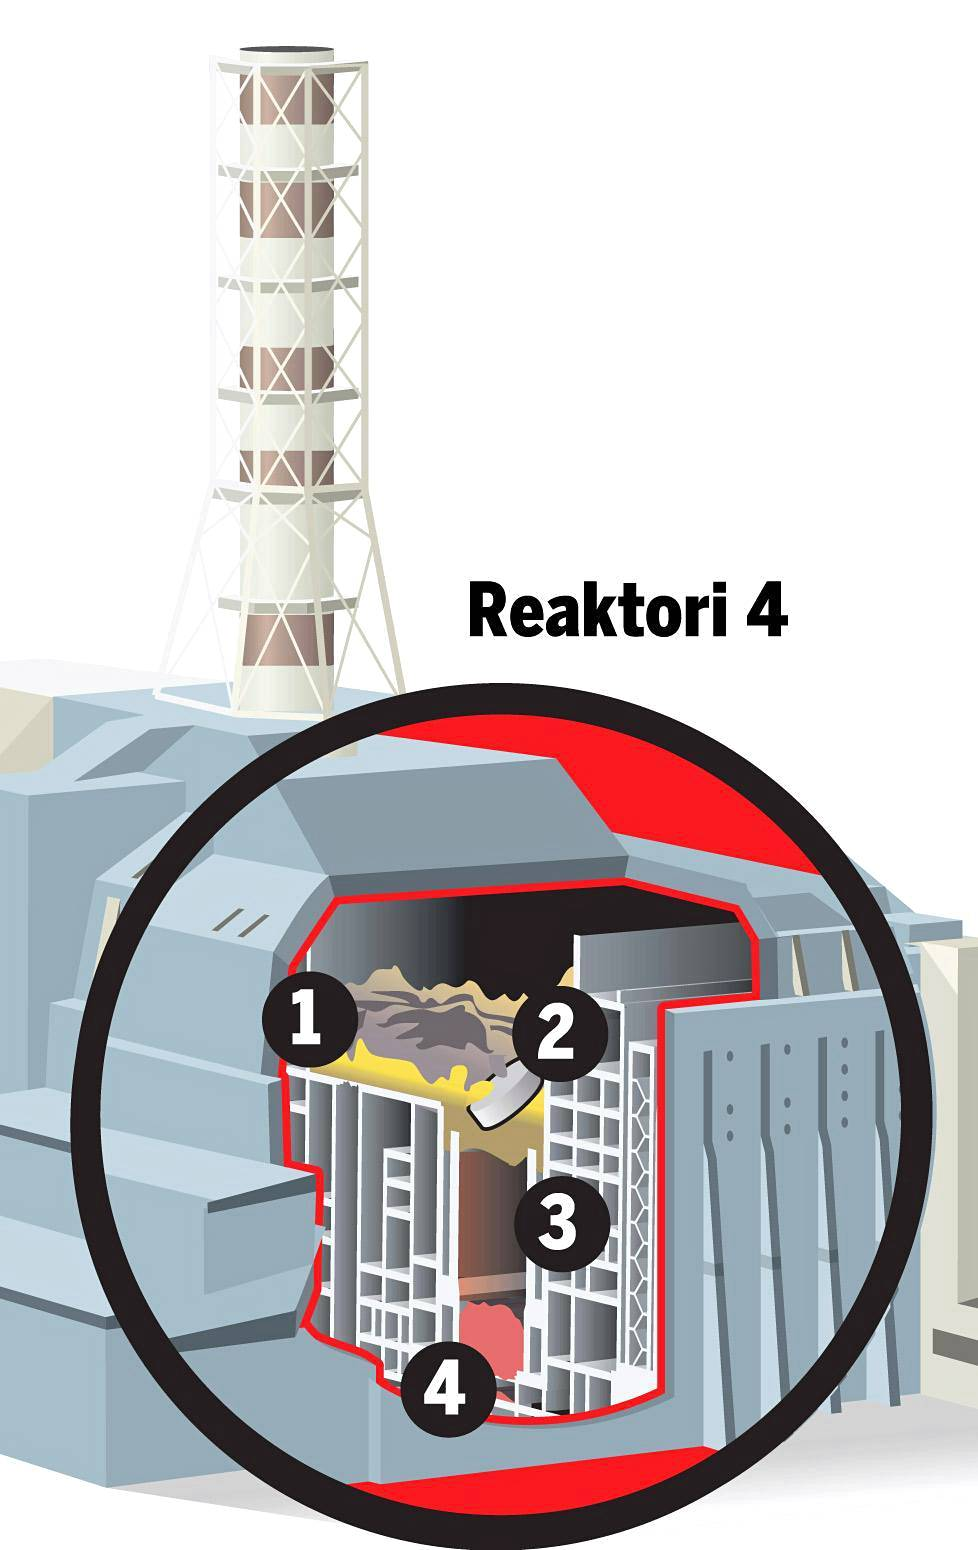 Onnettomuusreaktori. Räjähdyshetkellä yksikössä oli 180–190 tonnia radioaktiivisia aineita.